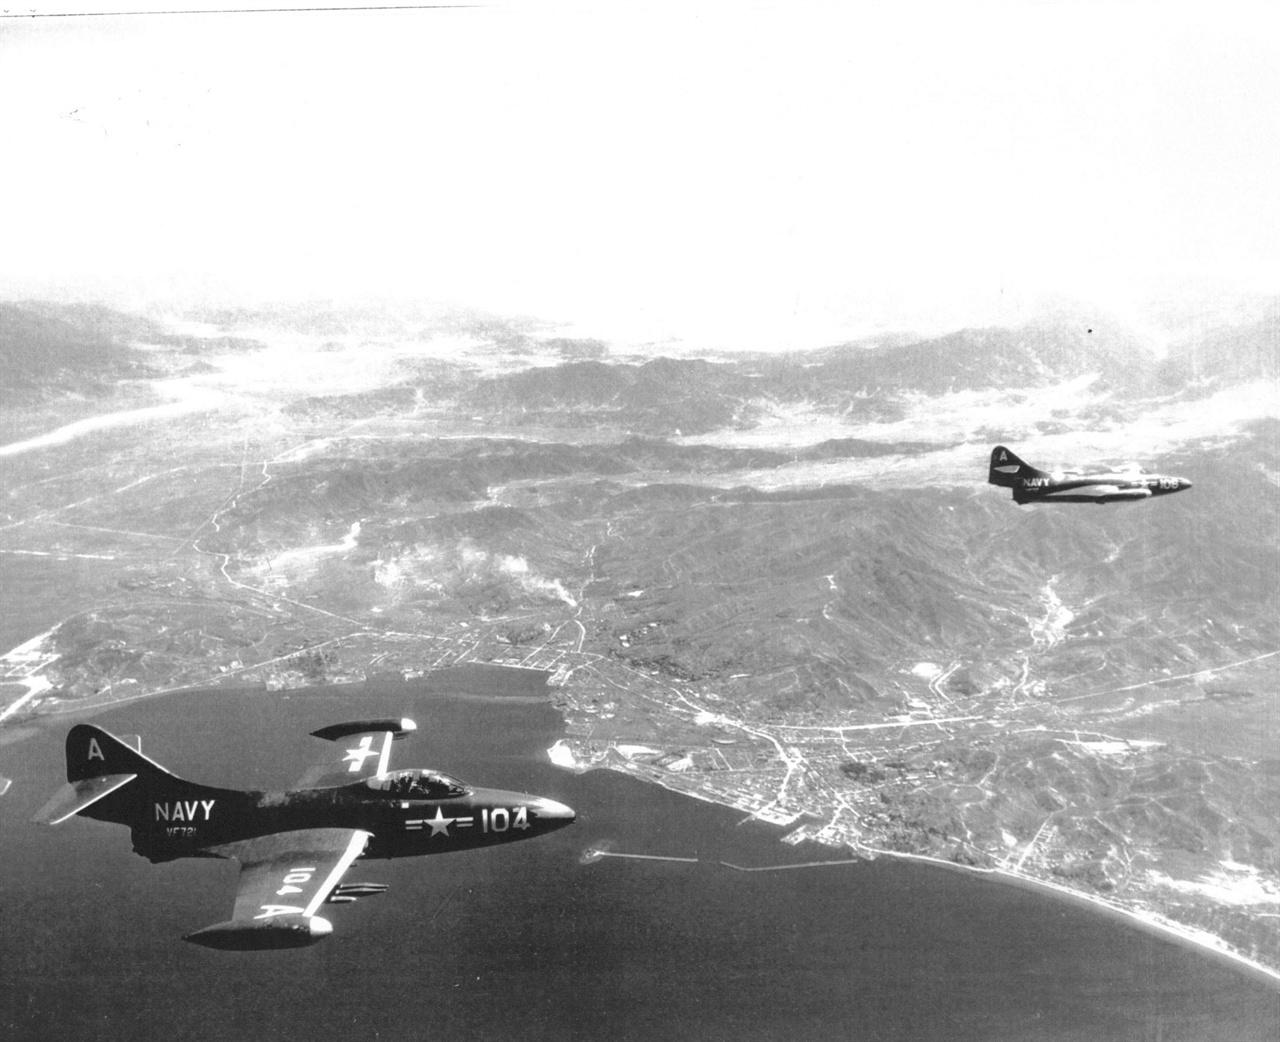 미 해군 전투비행기가 원산 상공을 초계비행하고 있다(1951. 7. 15.).